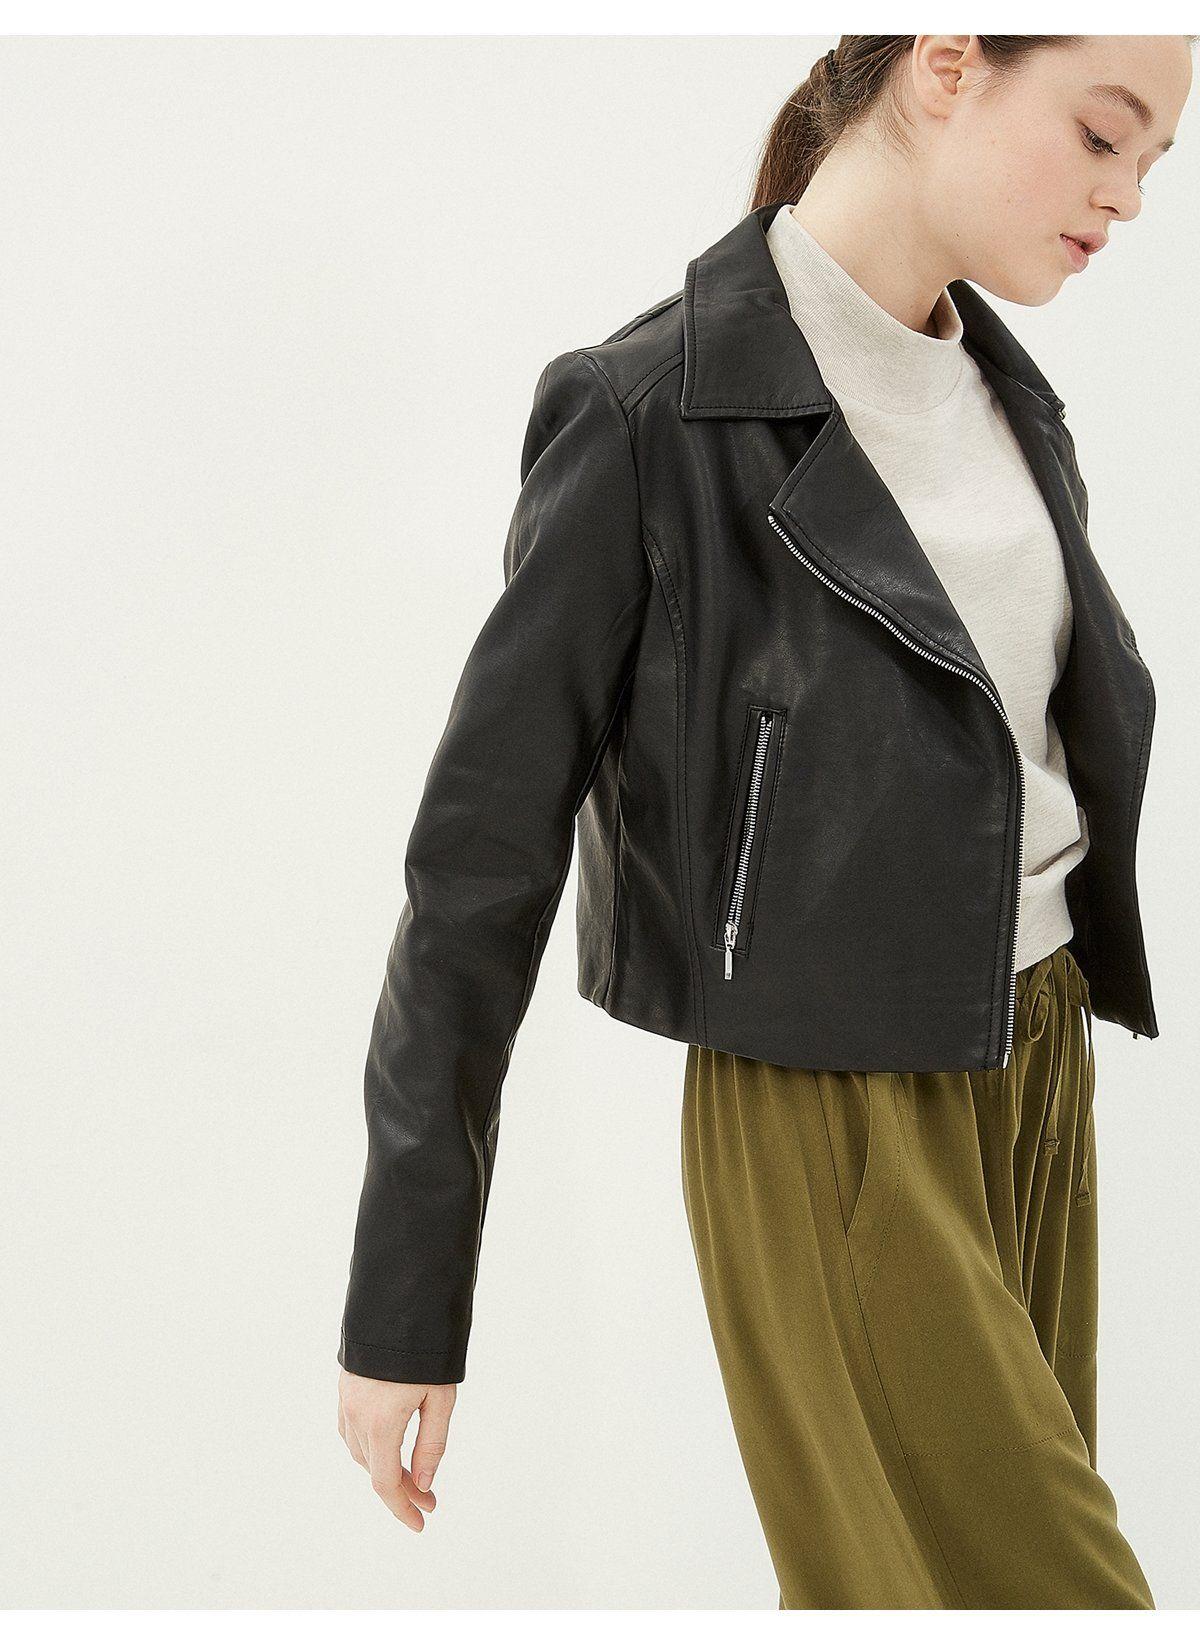 Koton Kadin Ceket Siyah Indirimli Fiyat Morhipo 21471899 Fashion Red Leather Jacket Leather Jacket